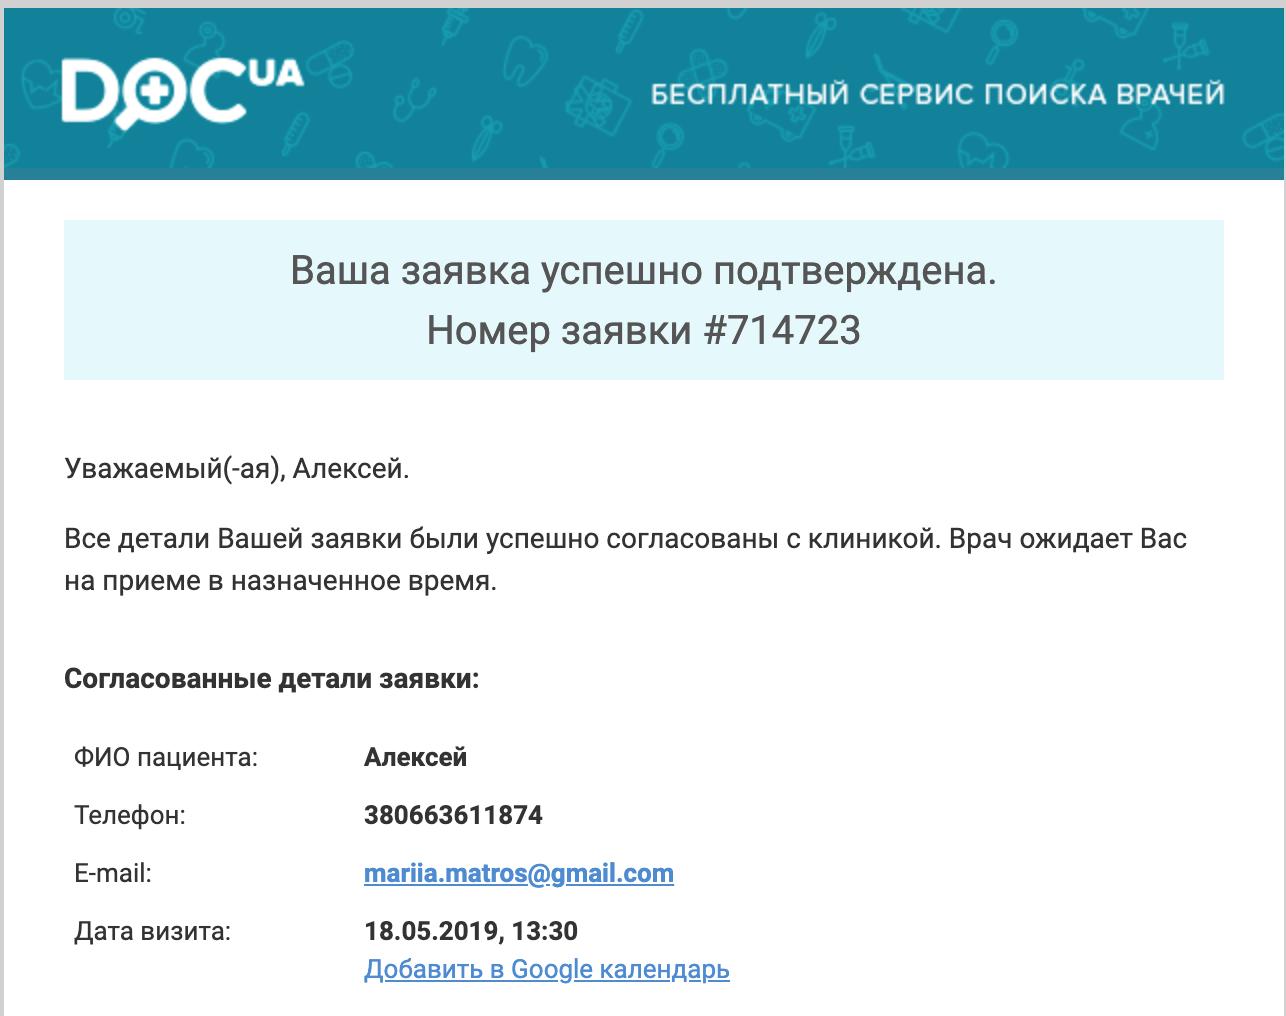 Письмо-подтверждение заявки на запись к врачу